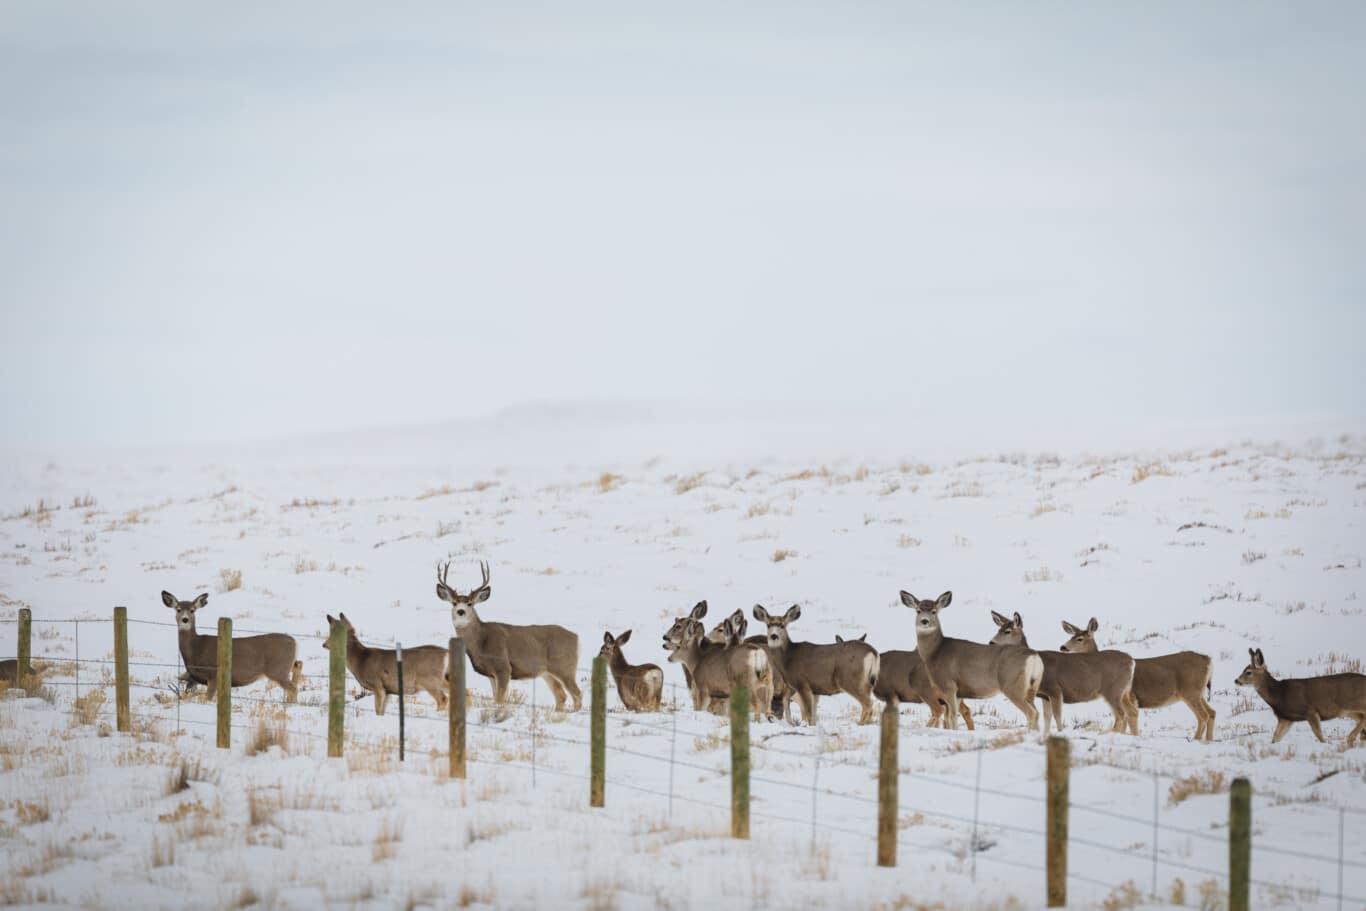 Migrating Deer Photo by David Frame